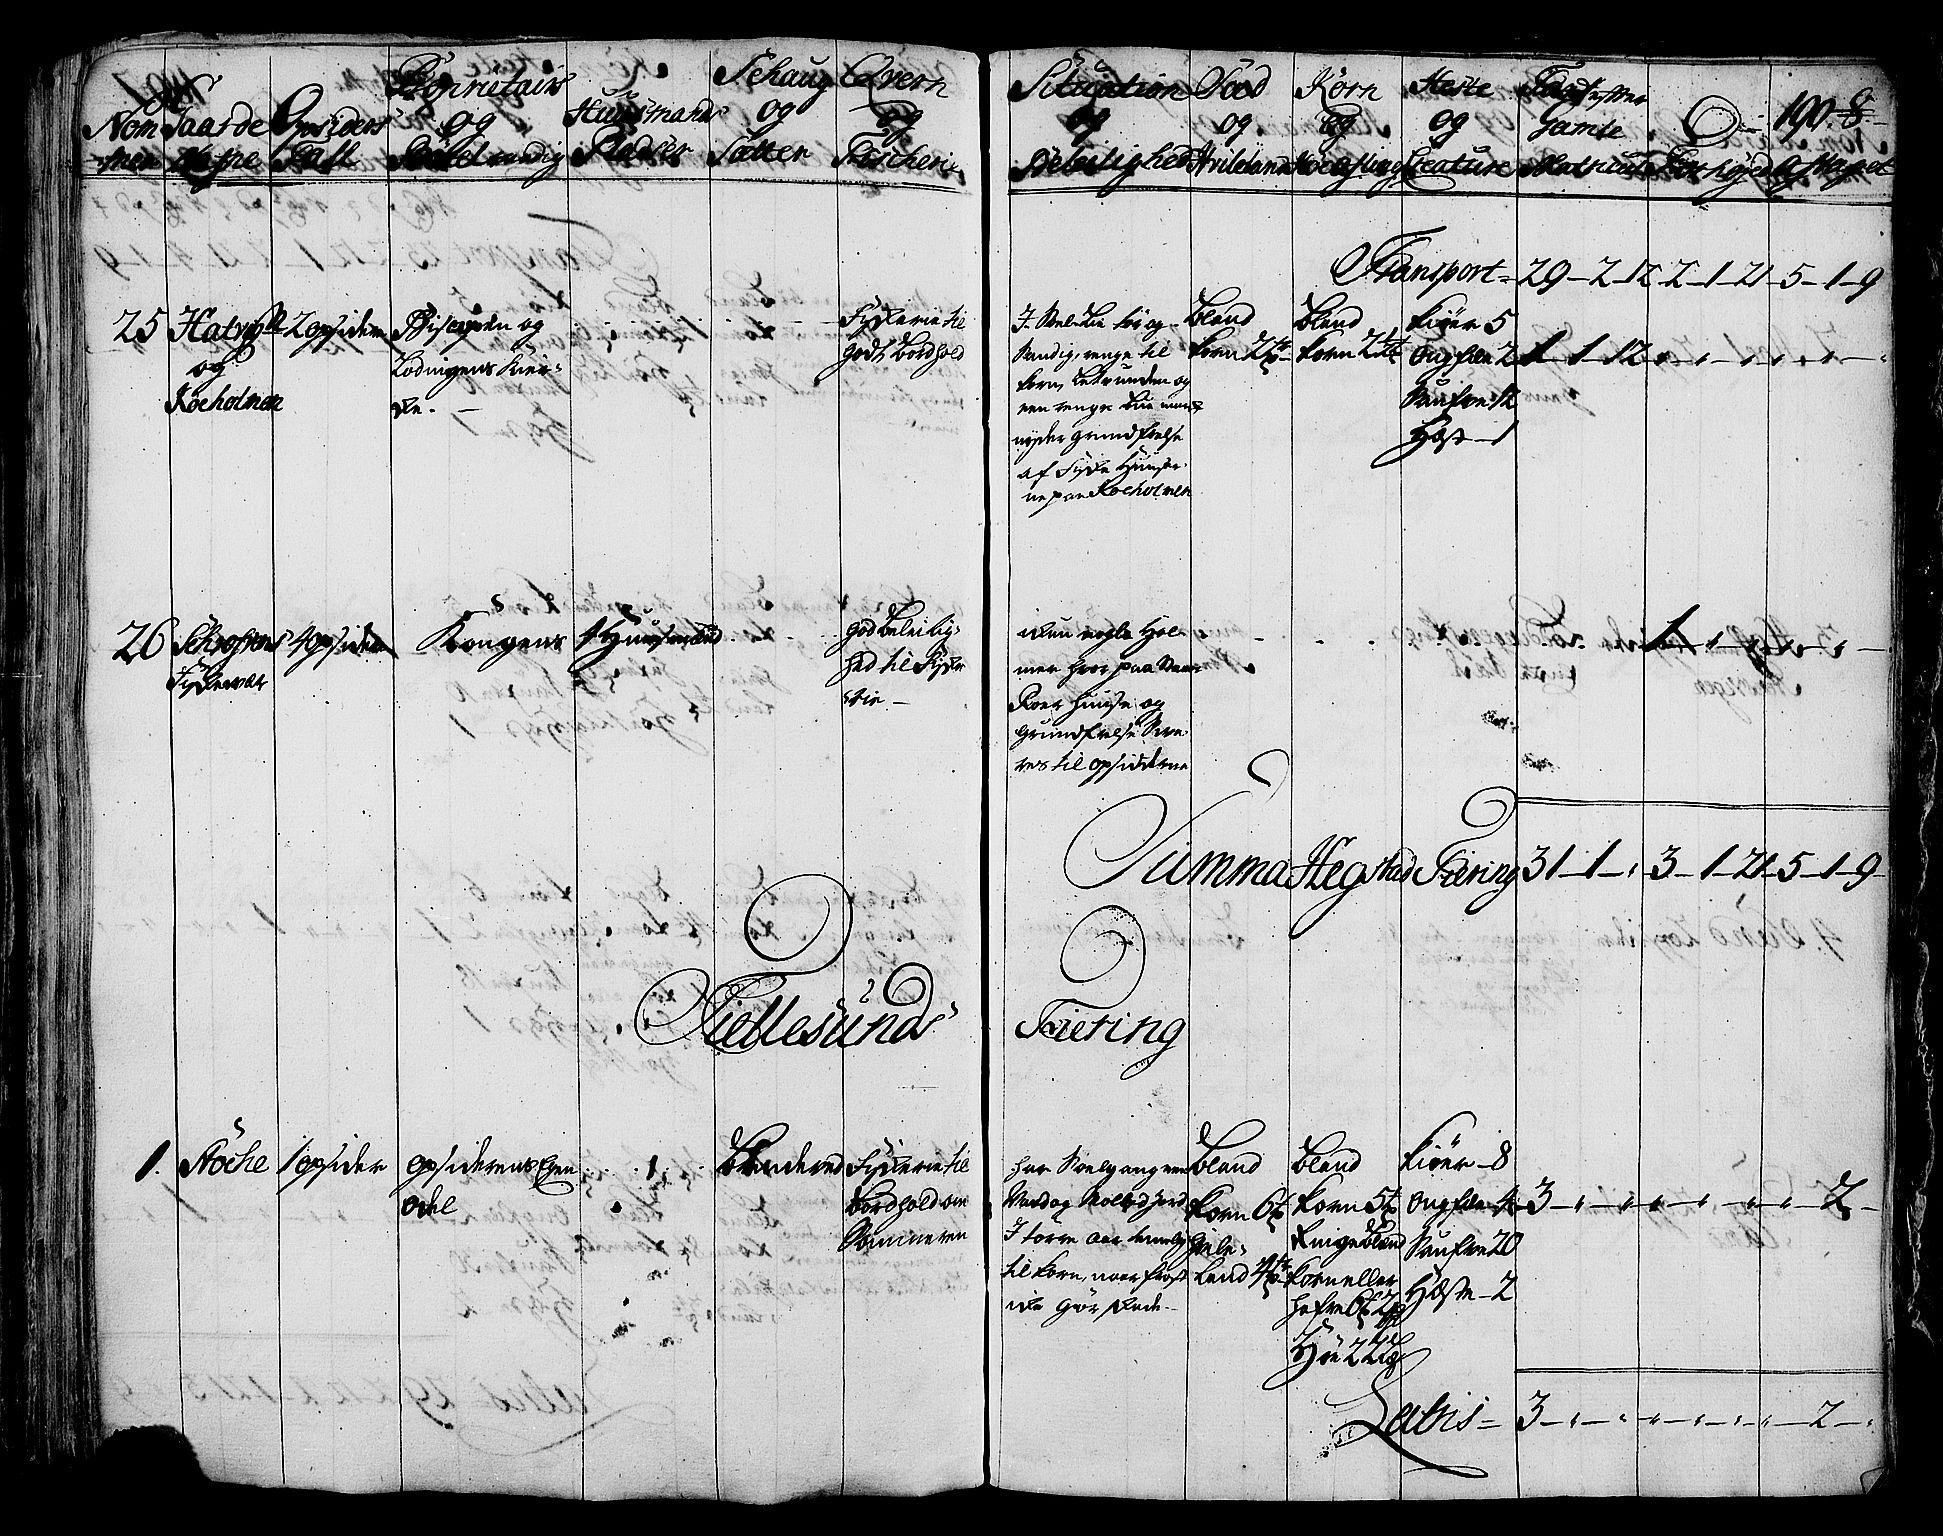 RA, Rentekammeret inntil 1814, Realistisk ordnet avdeling, N/Nb/Nbf/L0172: Salten eksaminasjonsprotokoll, 1723, s. 189b-190a